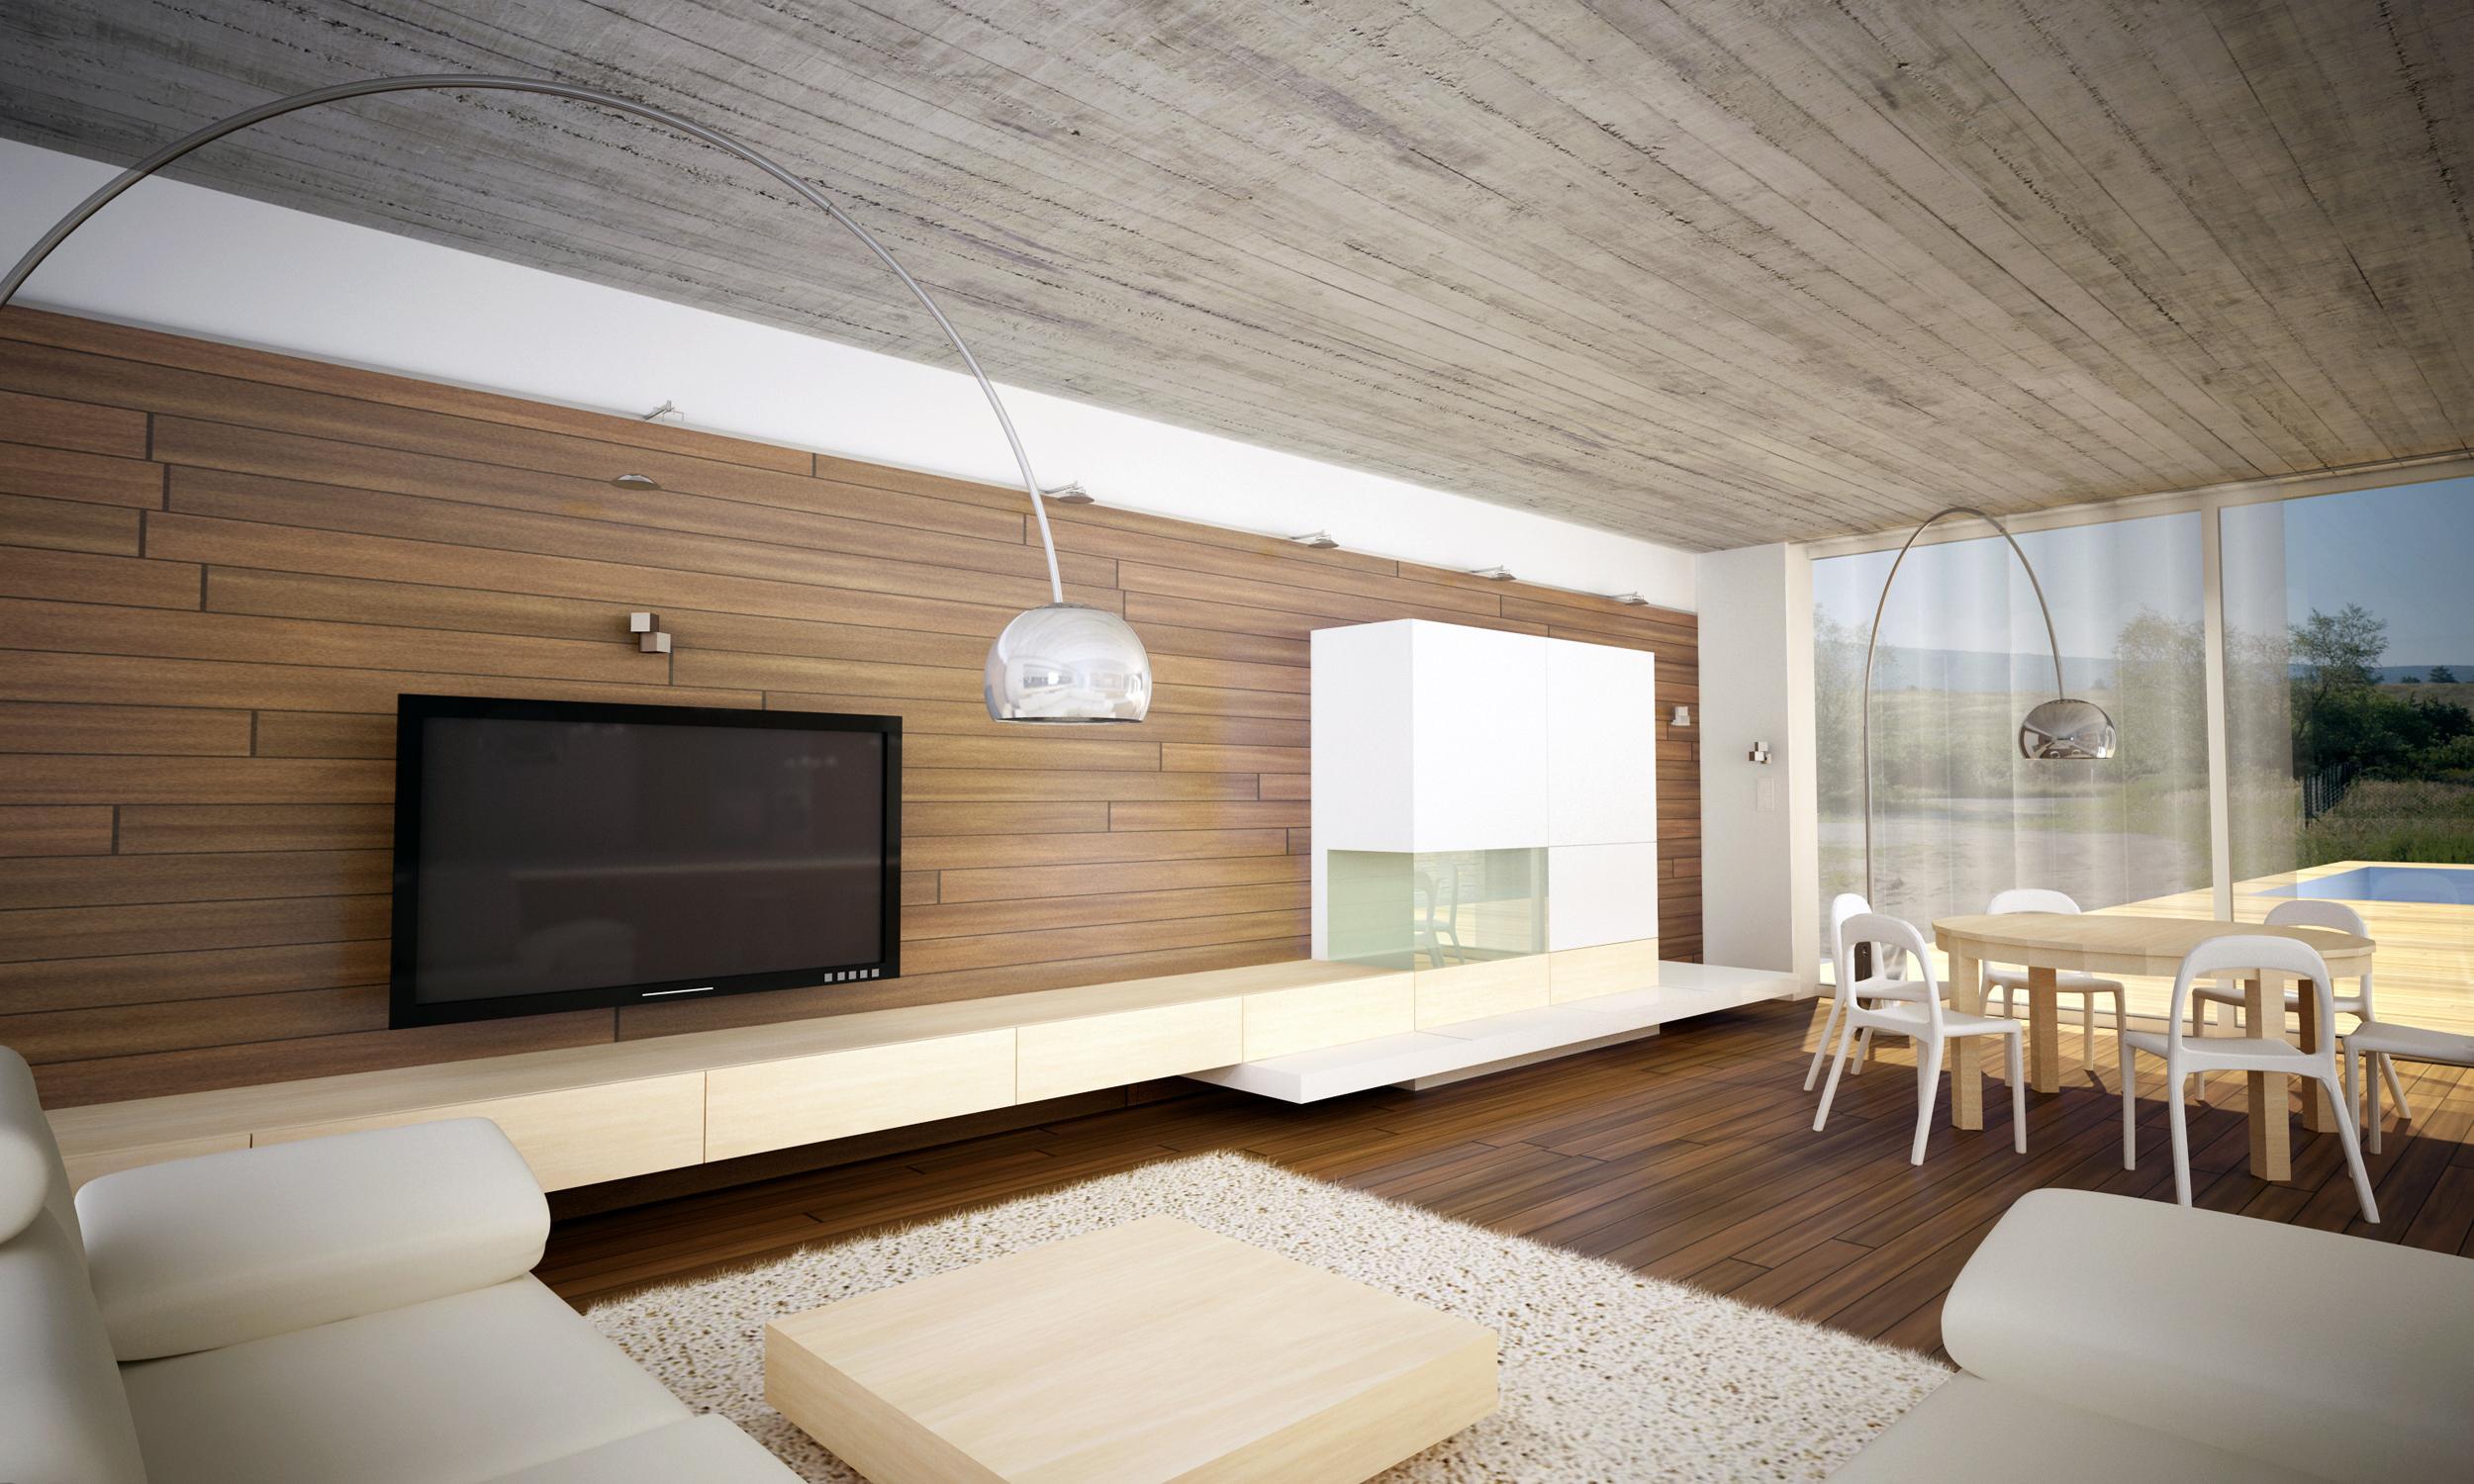 Modernes Interieur im Bungalow mit Sichtbetondecke, Bratislava ...